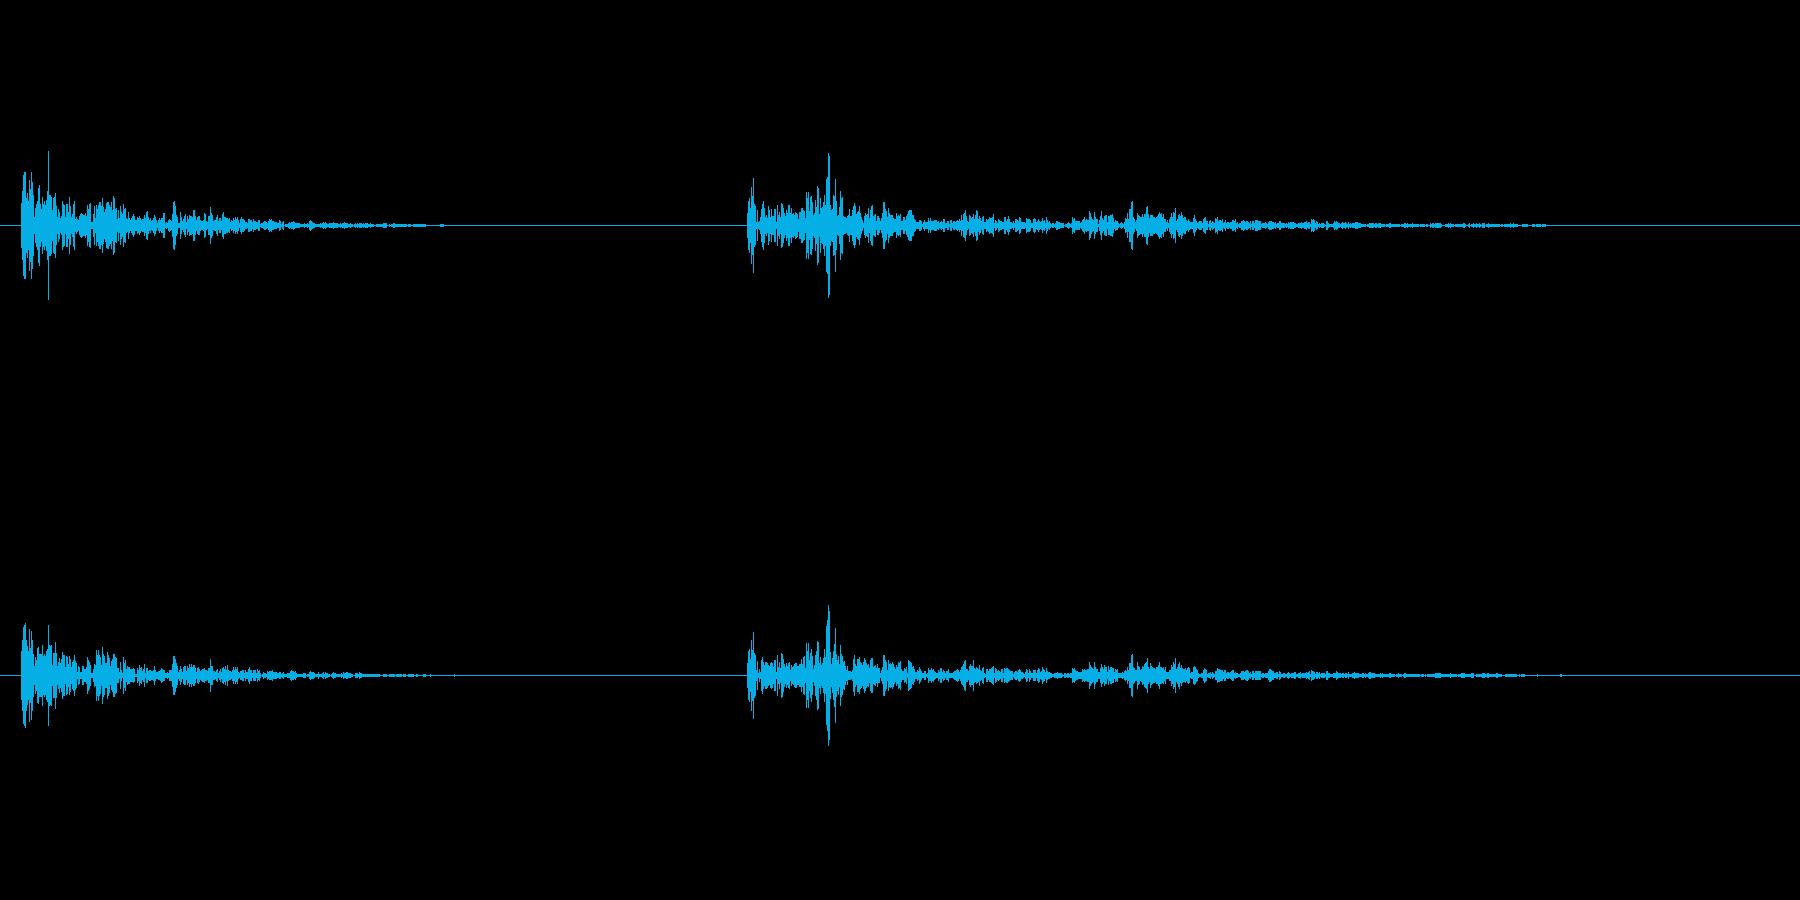 【生録音】弁当・惣菜パックの音13 カラの再生済みの波形